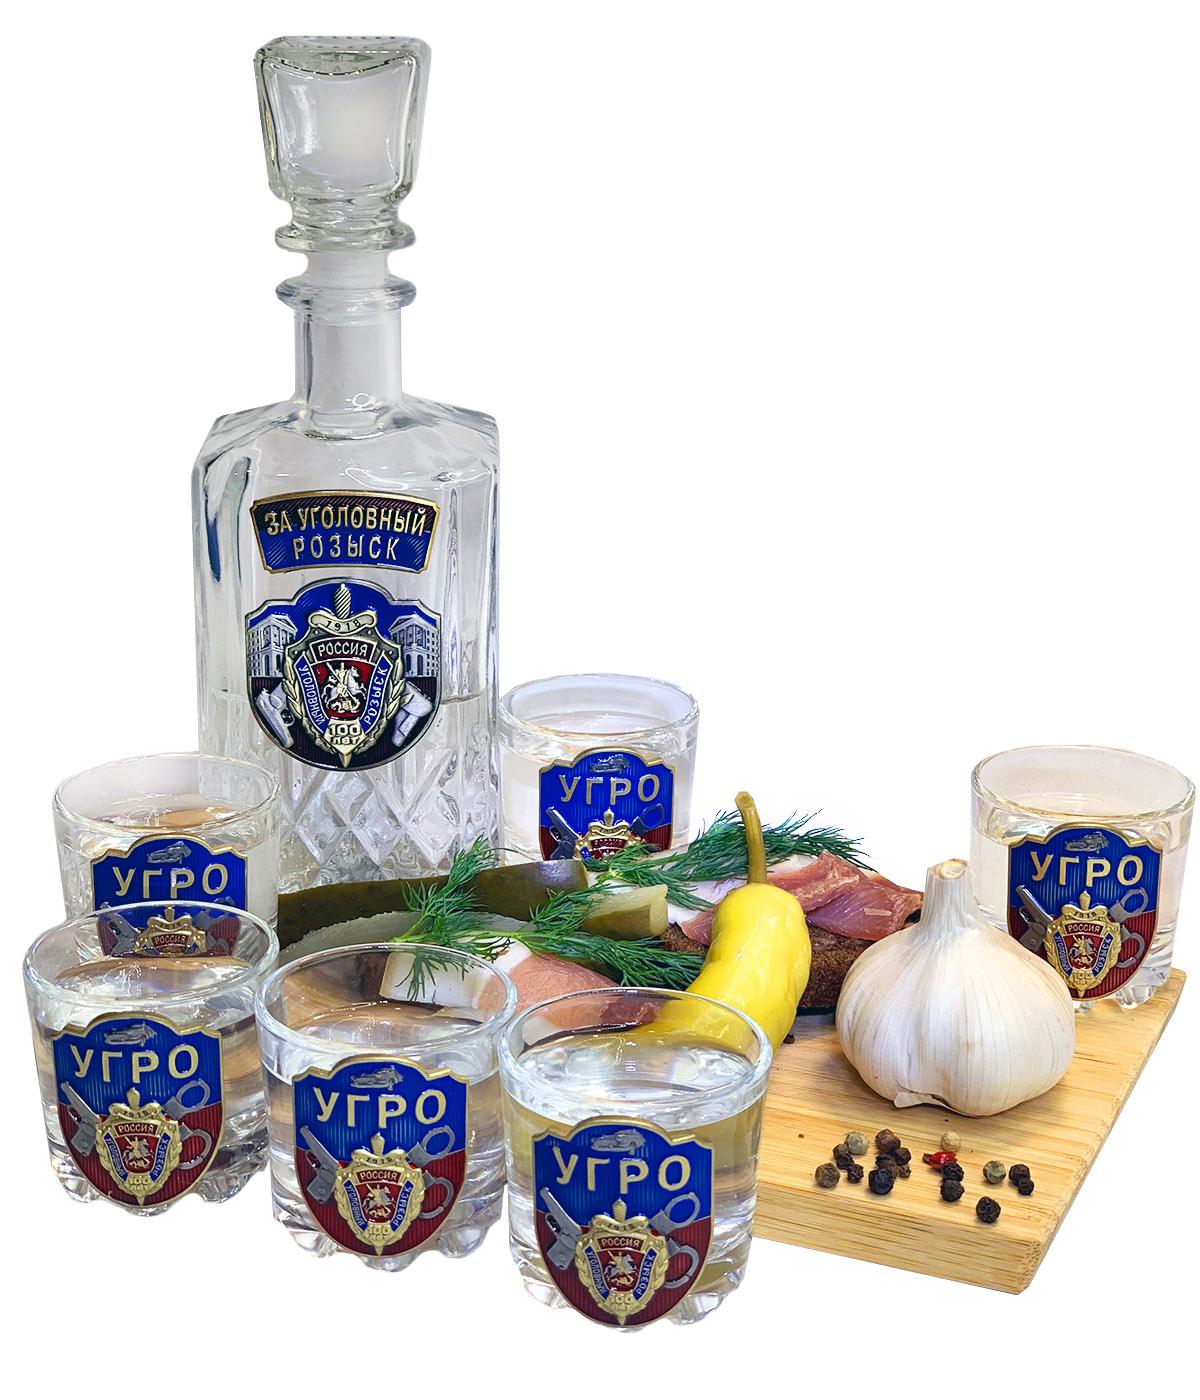 Заказать подарочный набор для алкоголя в дизайне Уголовный Розыск